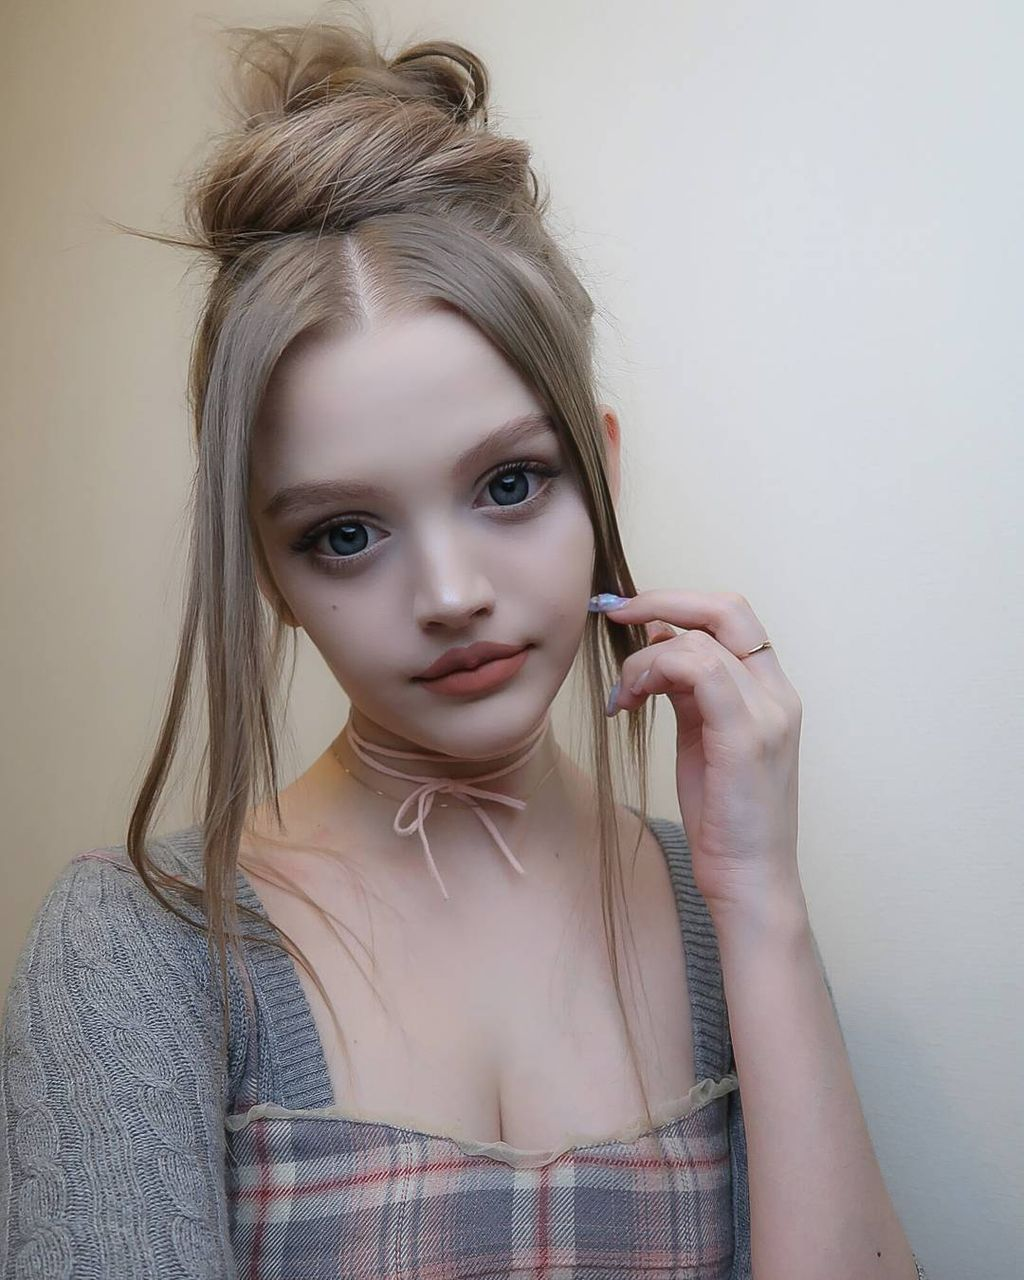 عکس های یک دختر فوق العاده خوشگل و ناز - مجله خواندنی ها